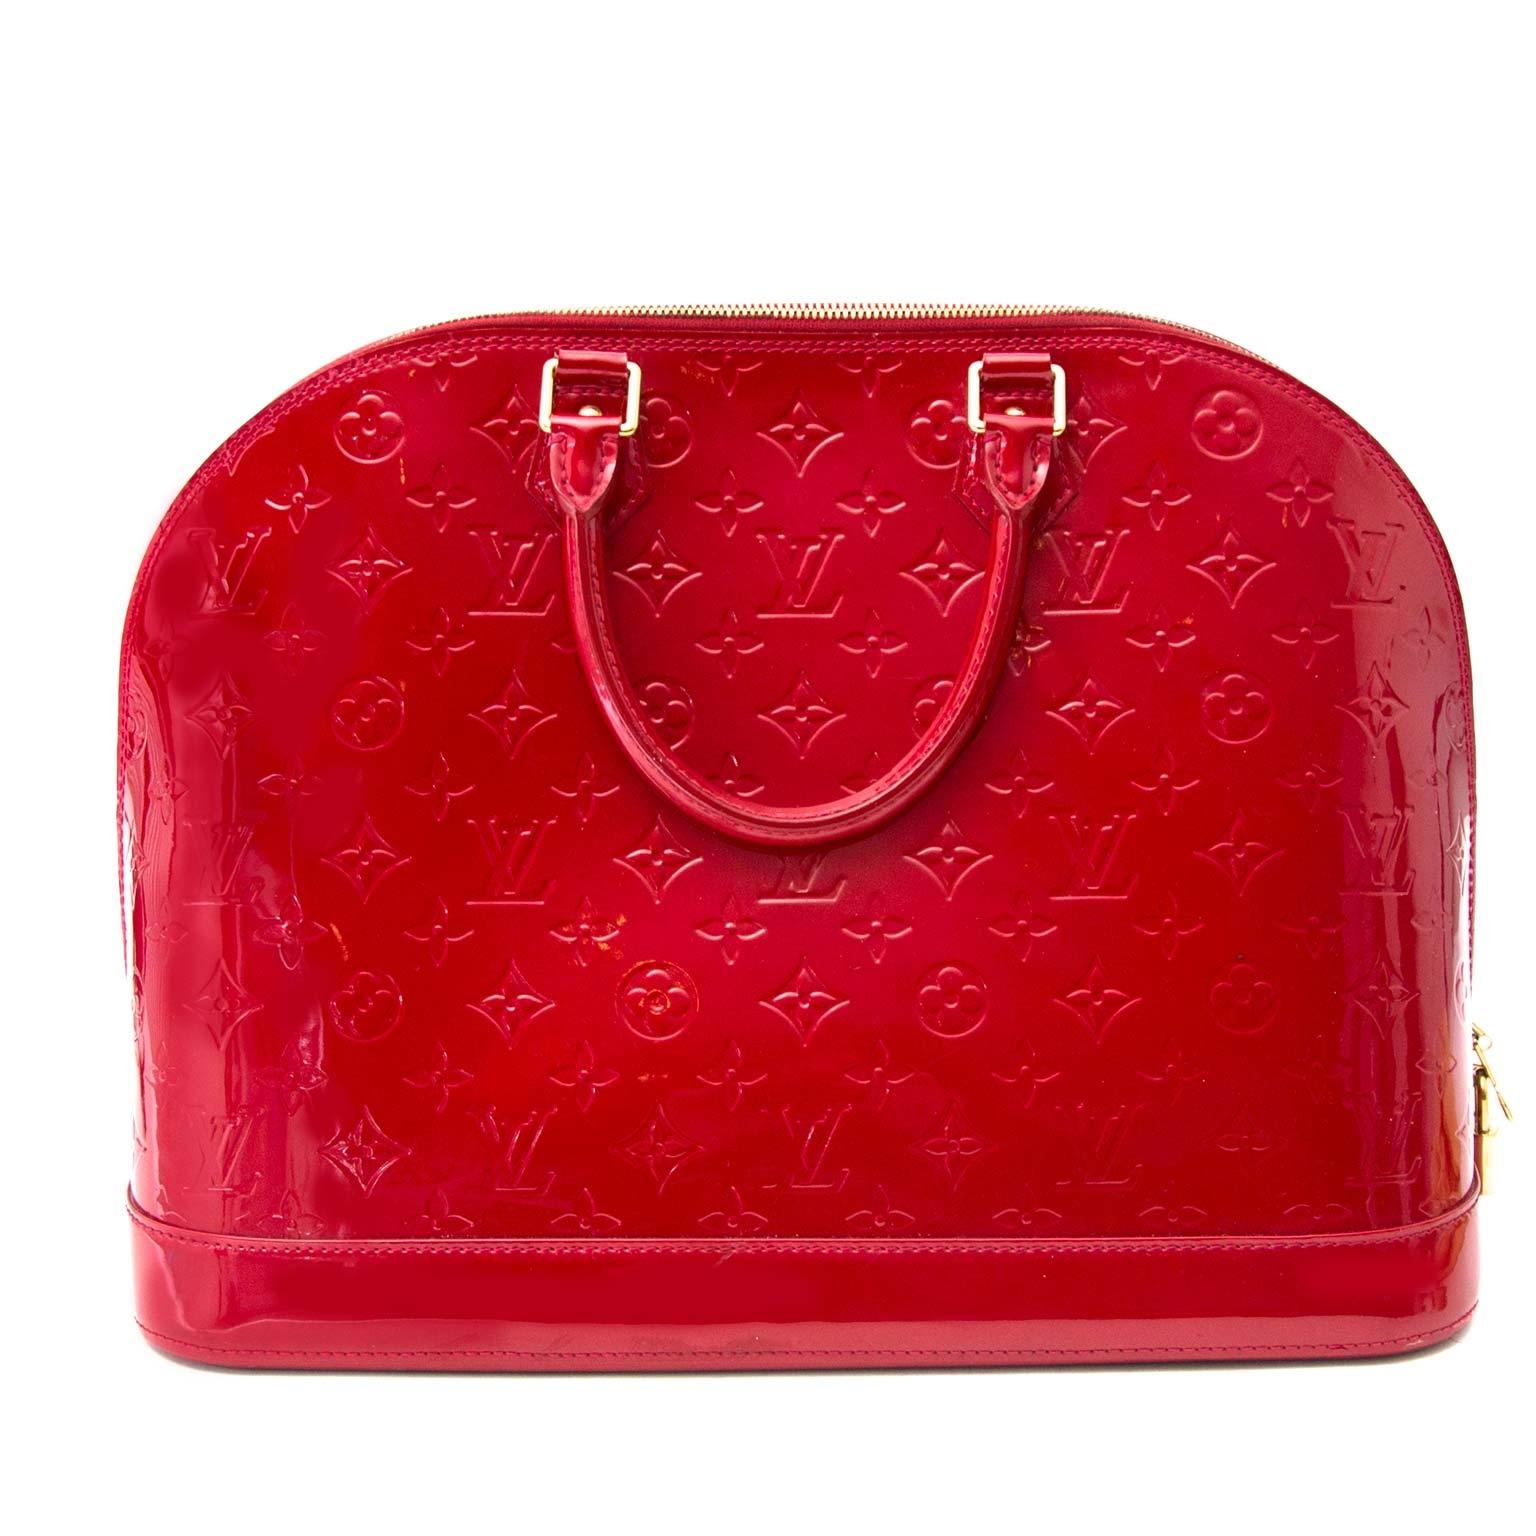 ... acheter en ligne pour le meilleur prix Louis Vuitton Alma Cherry  Monogram Vernis MM e58c23757c5b1